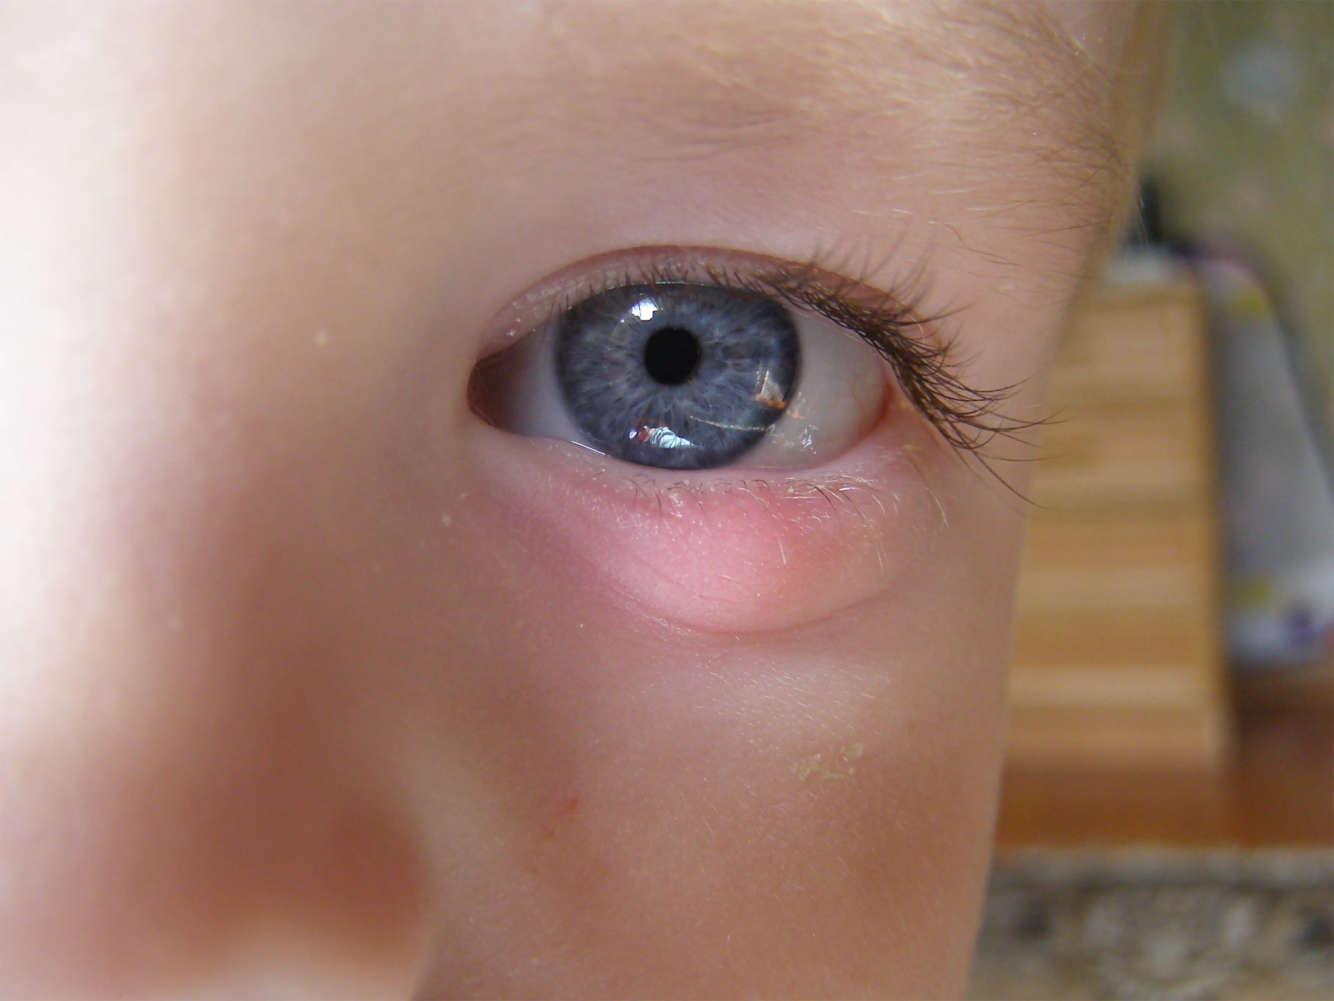 Ячмень на глазу у ребенка: причины, лечение и профилактика